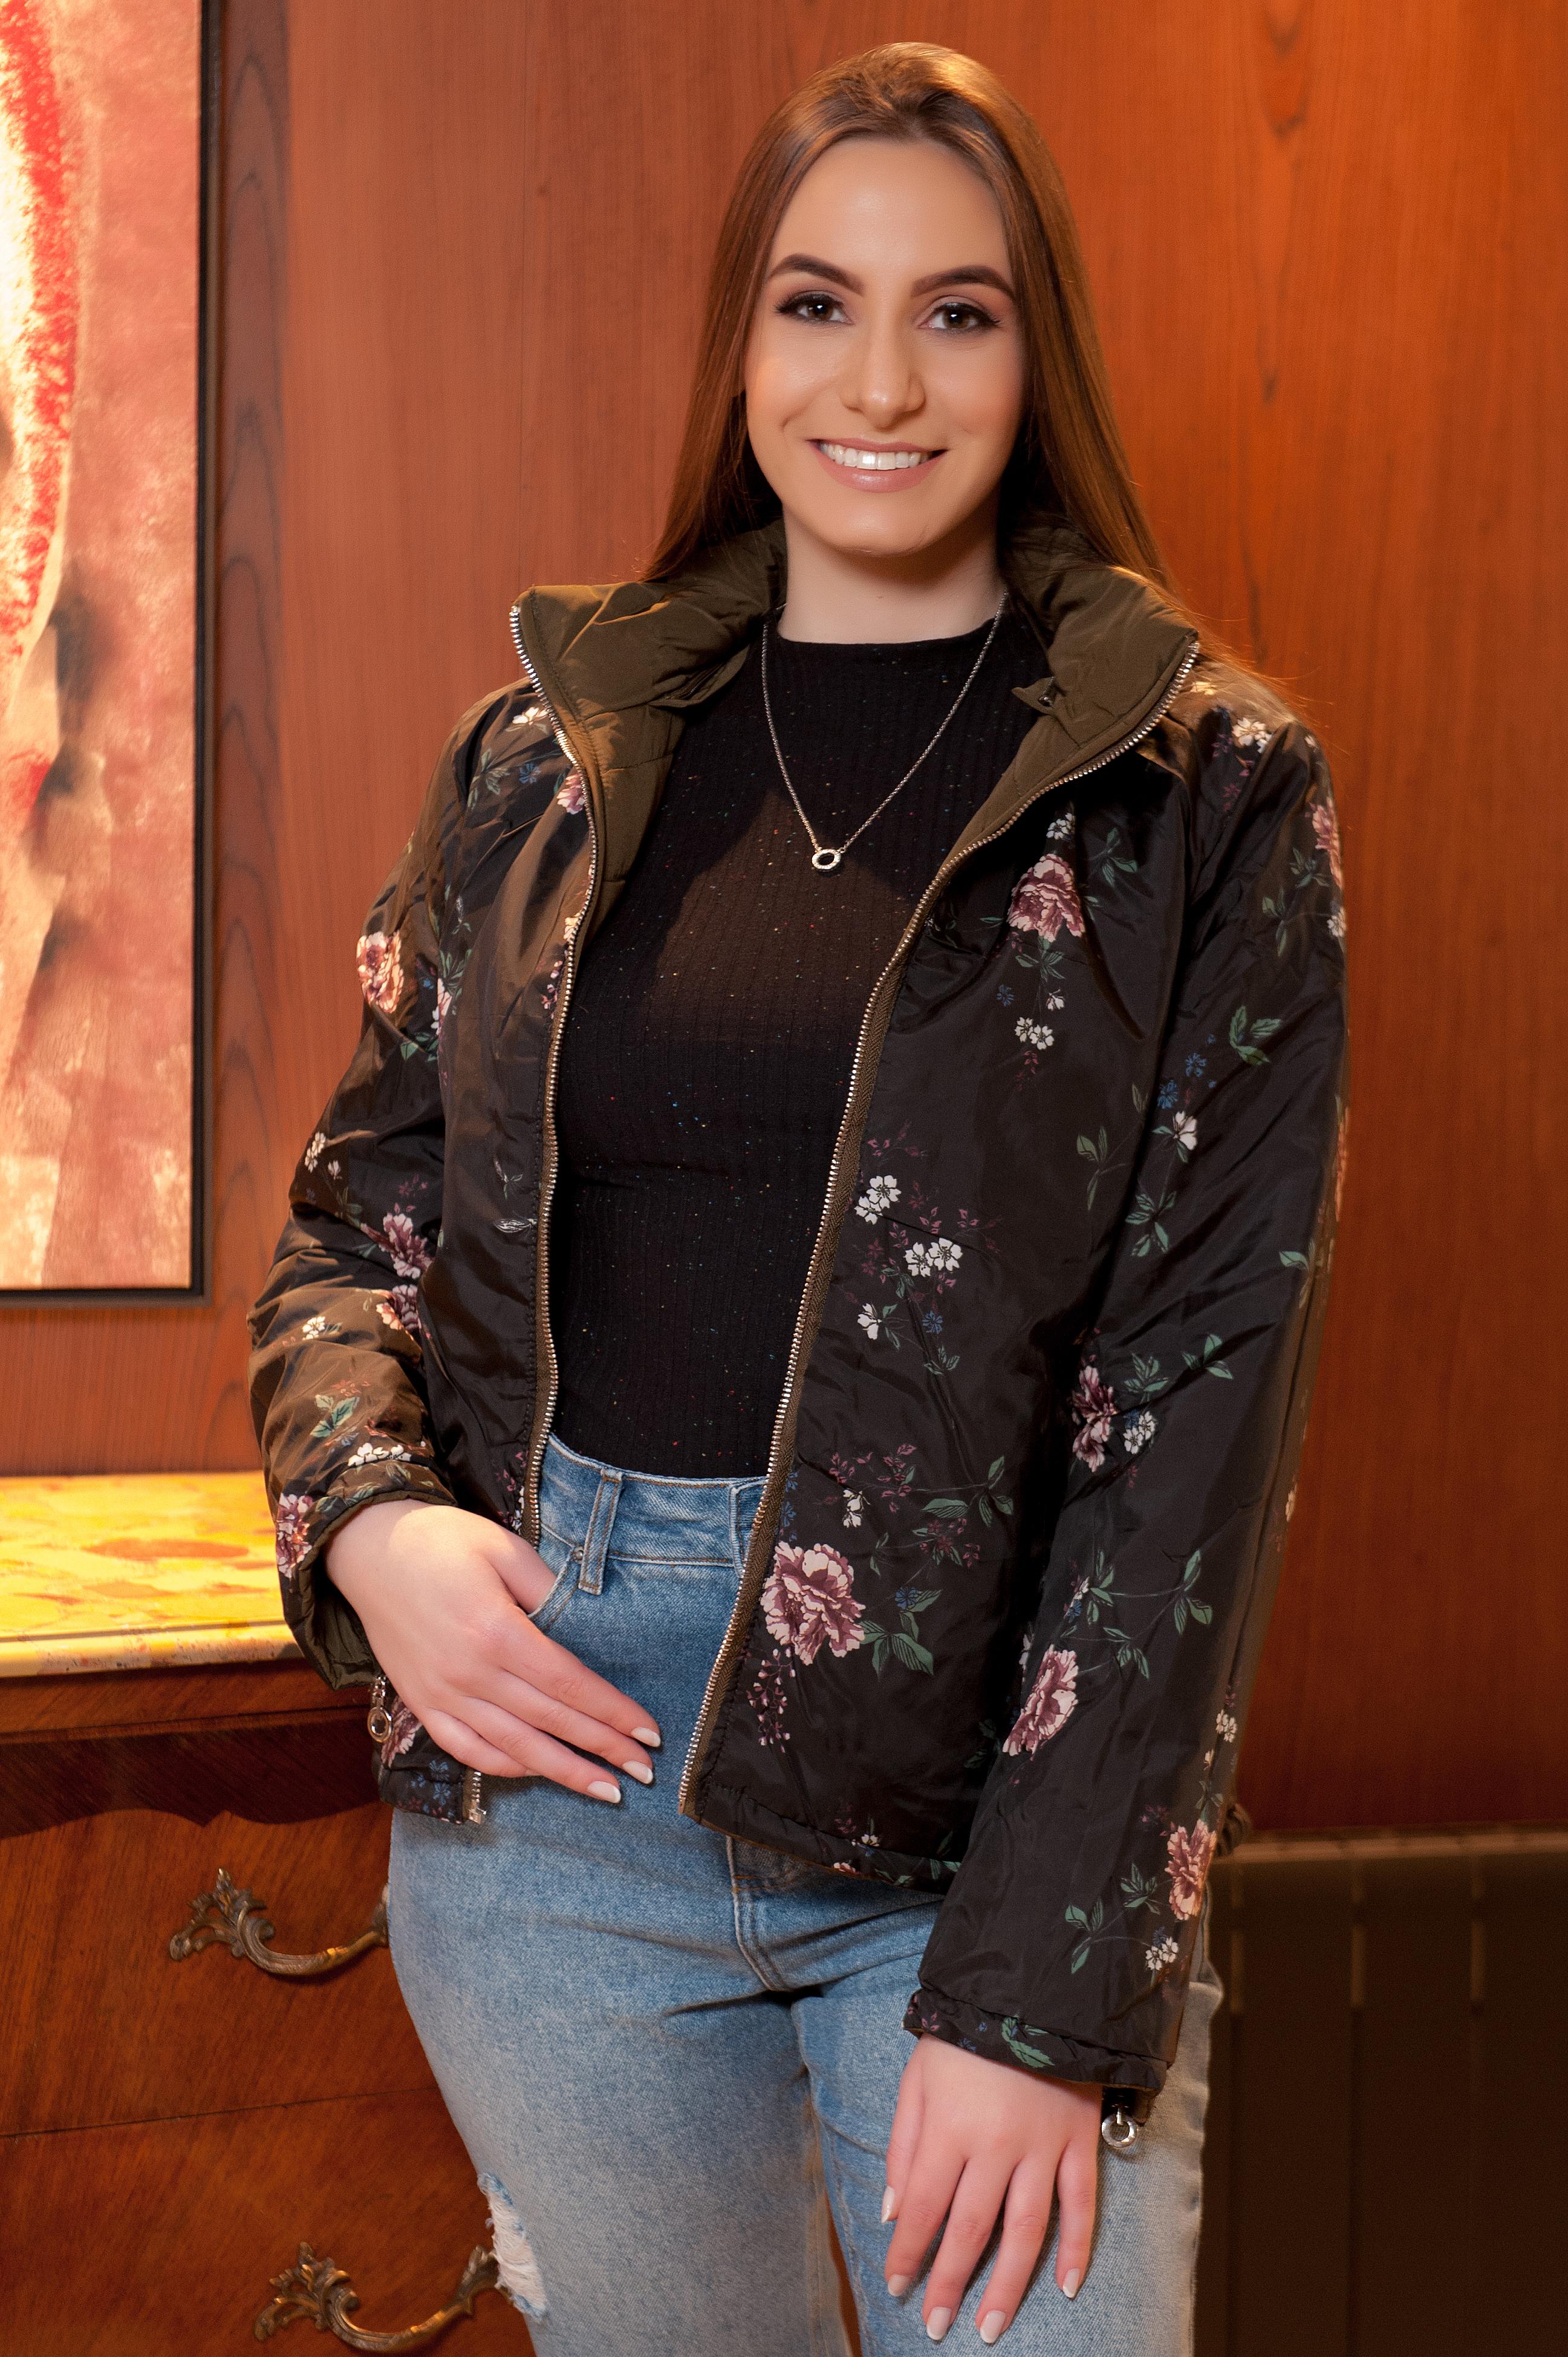 A modela está vestindo uma blusa de gola alta preta, uma jaqueta floral e calça jeans azul.